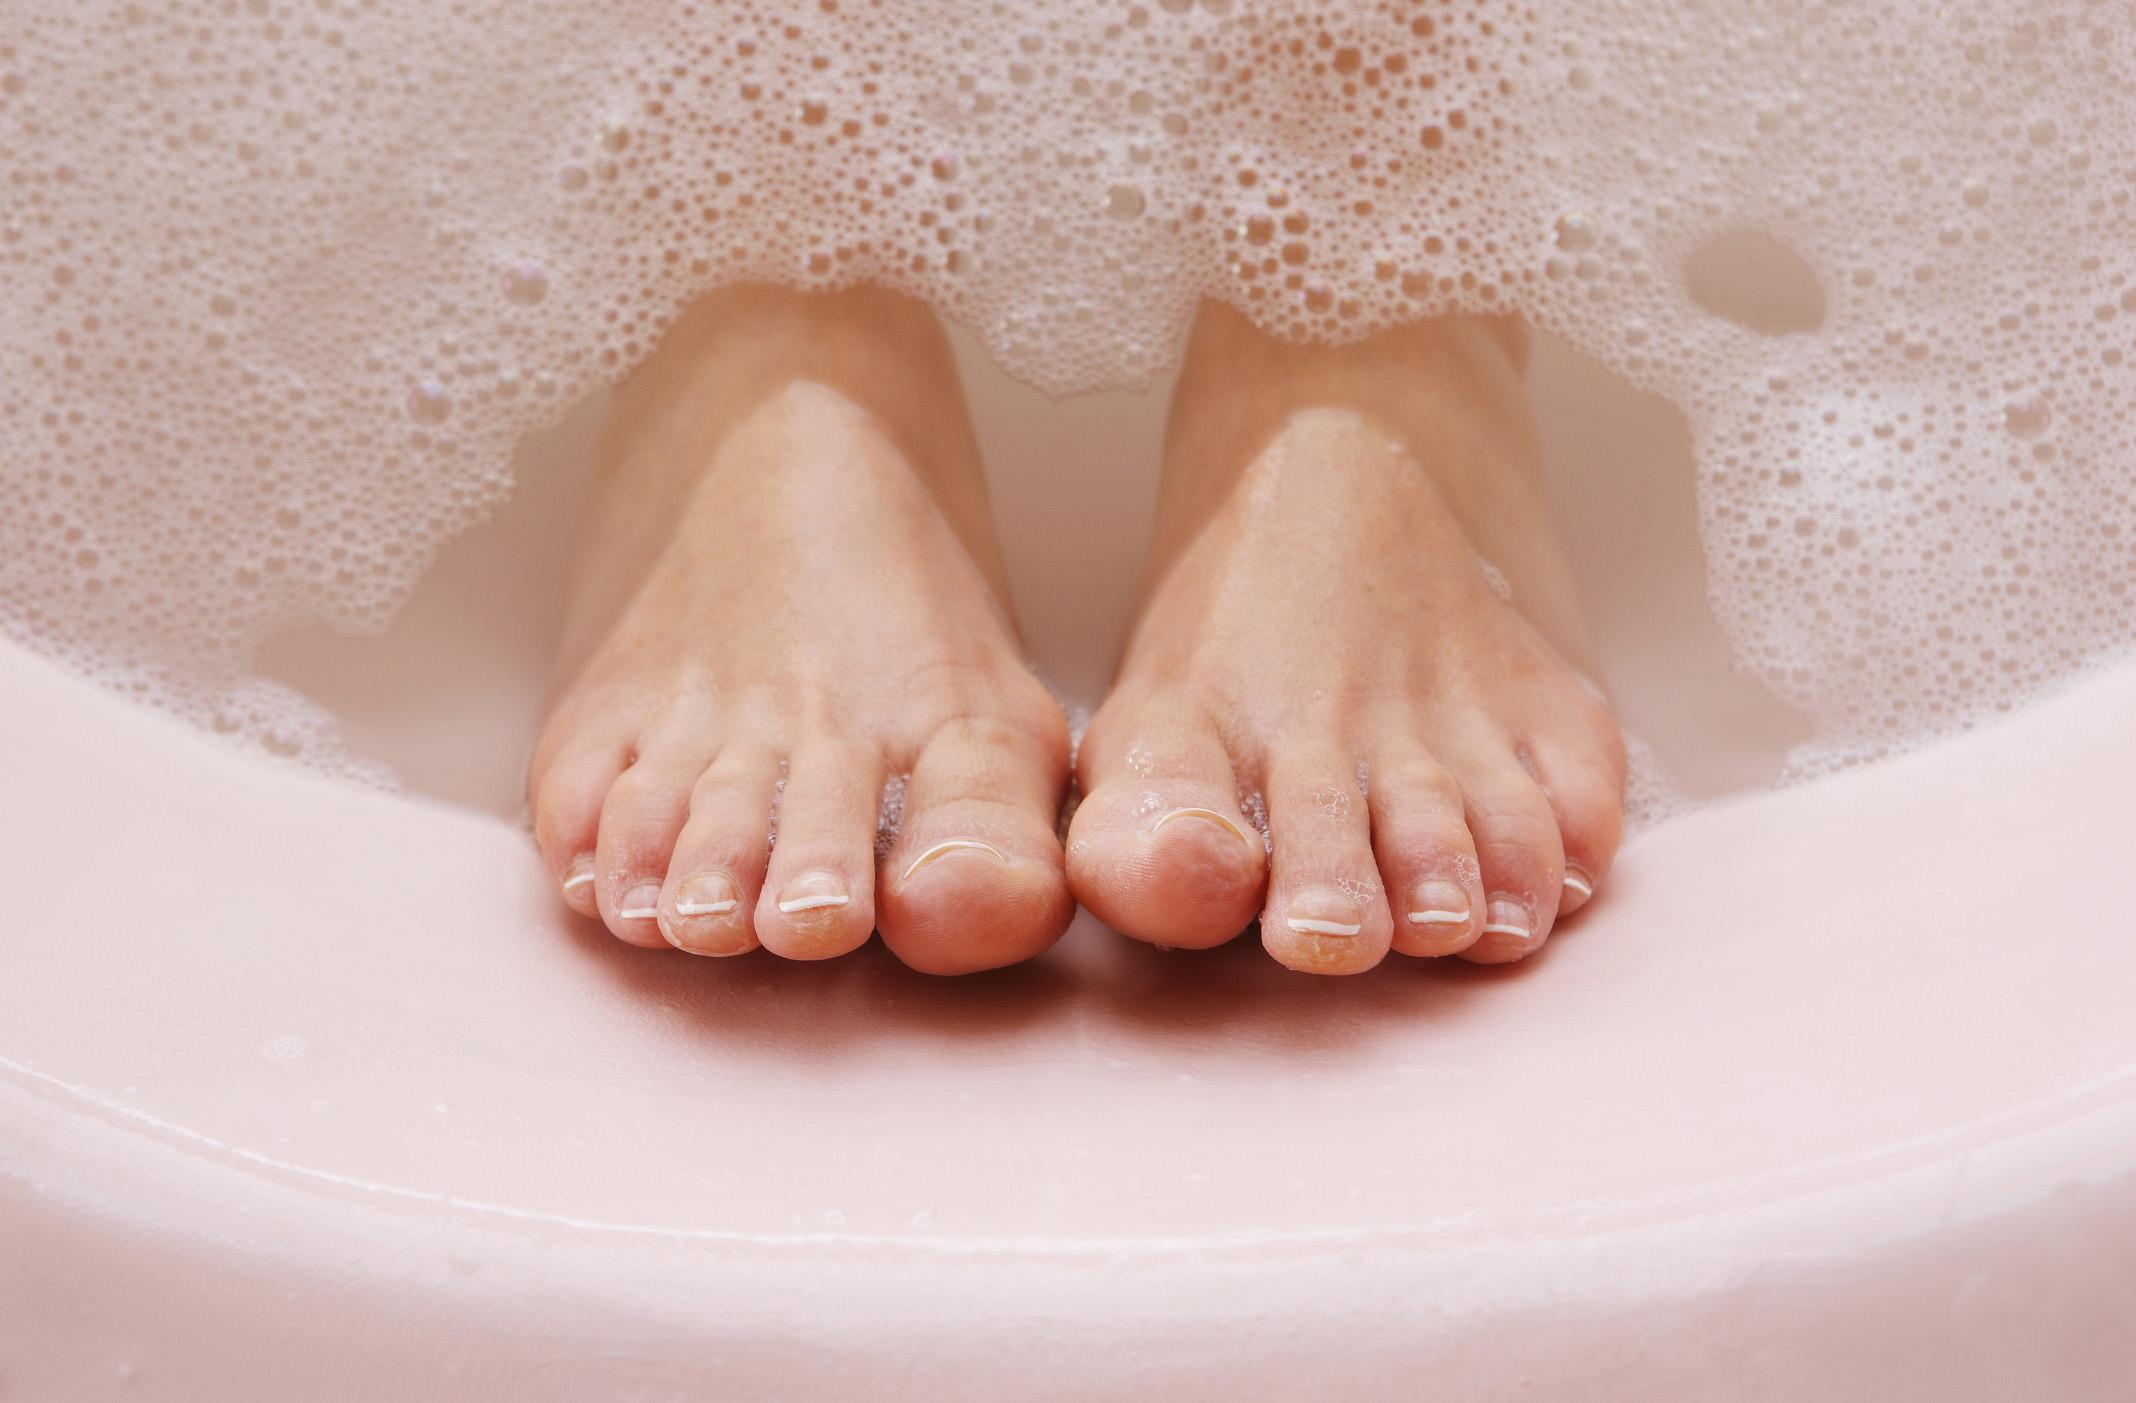 ízületi fájdalom fürdő után